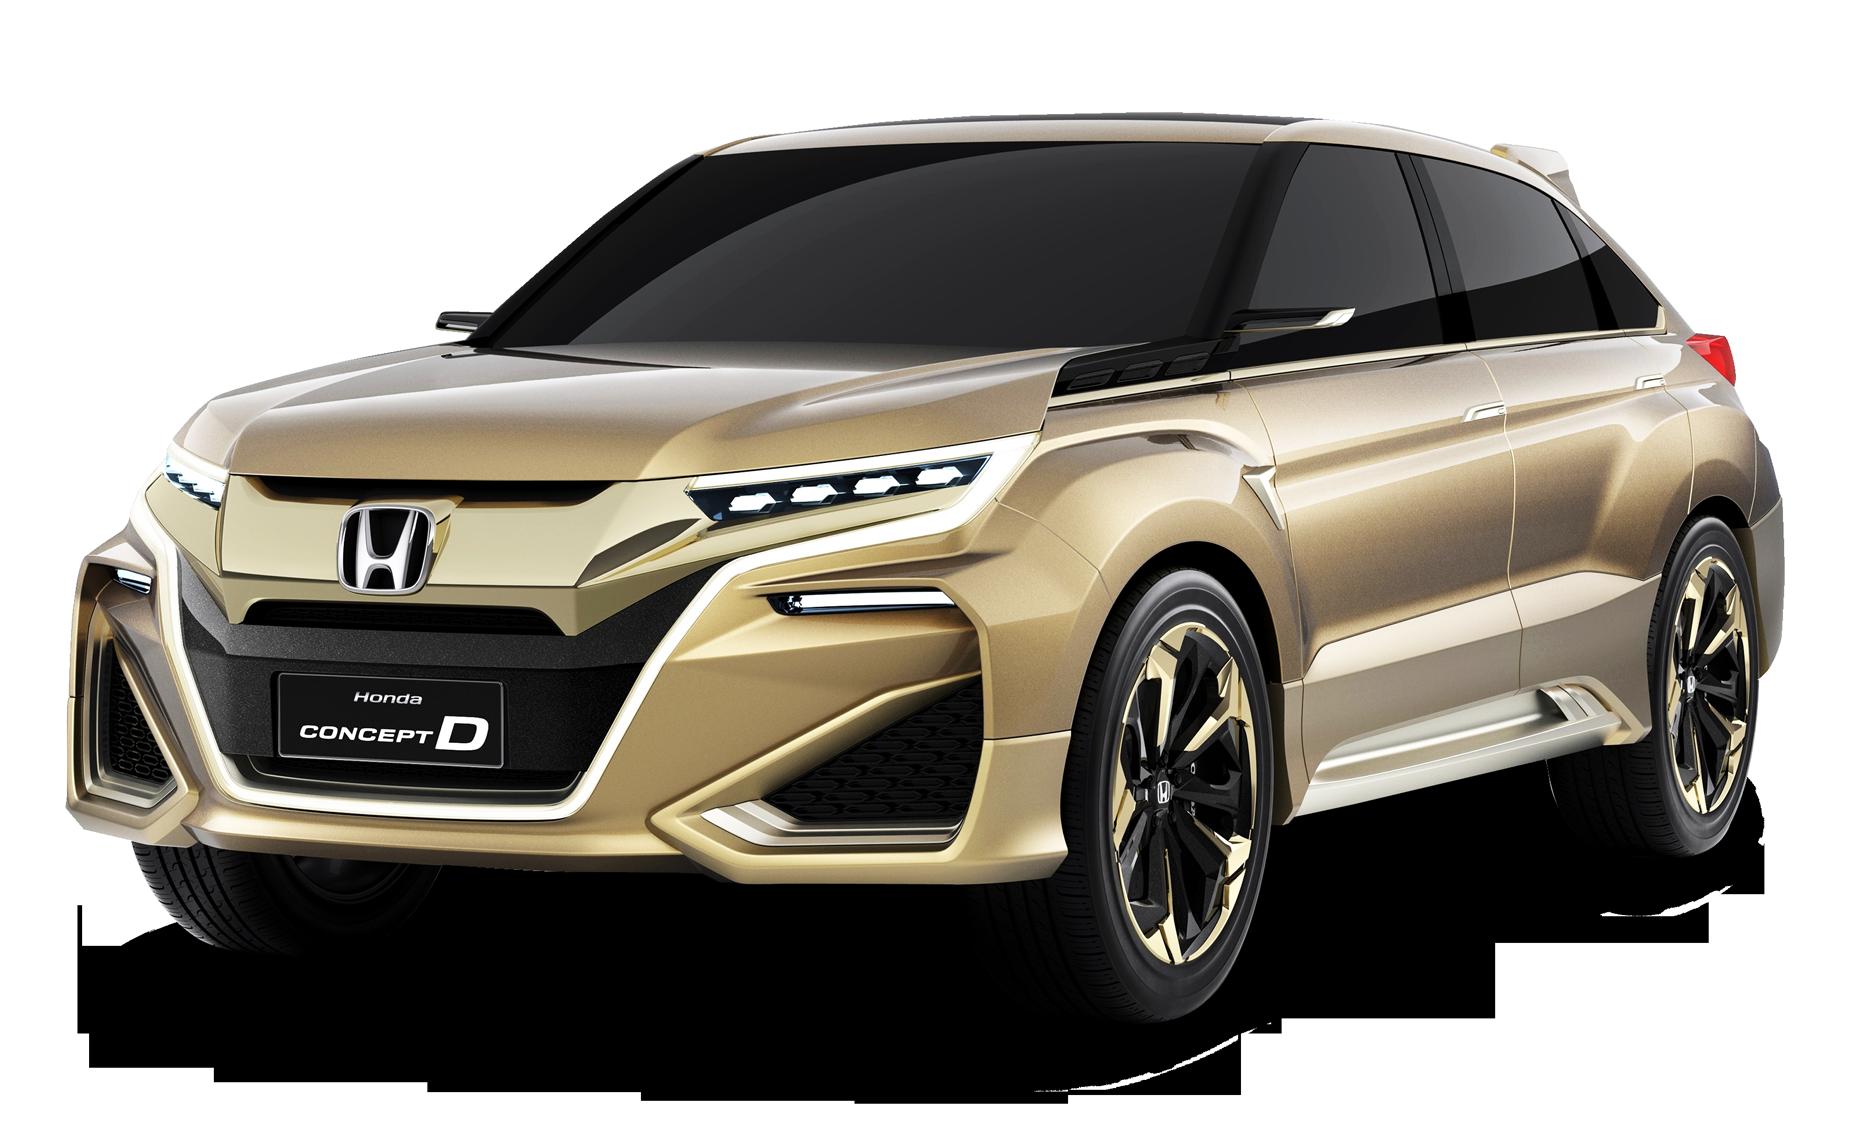 Gold Honda Concept D Car